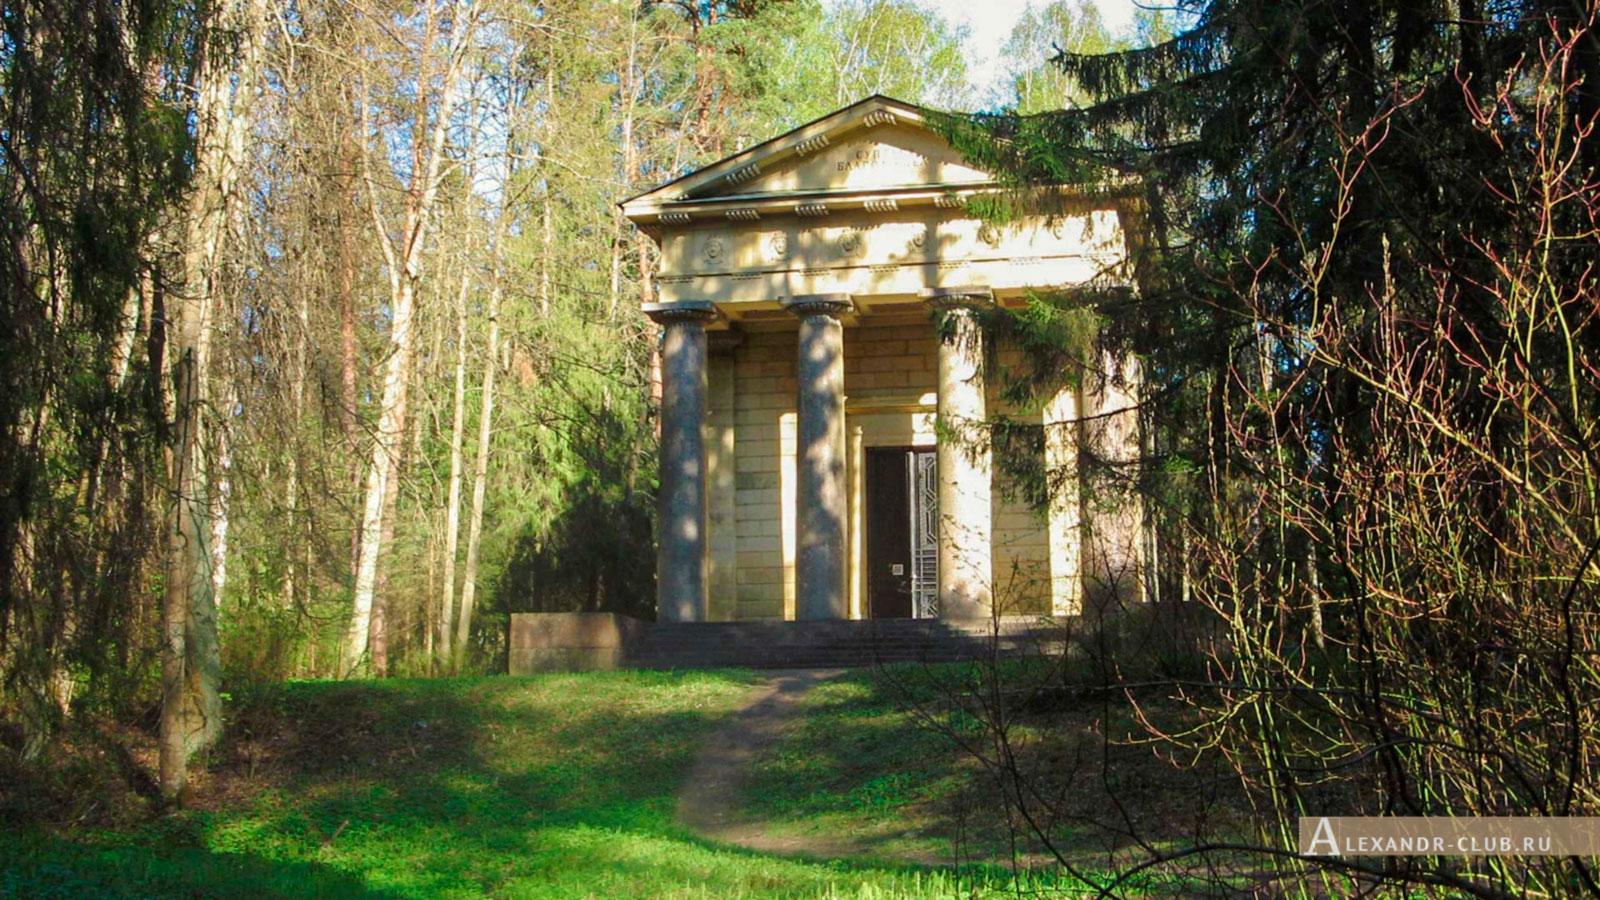 Павловский парк, весна, мавзолей «Супругу-благодетелю»